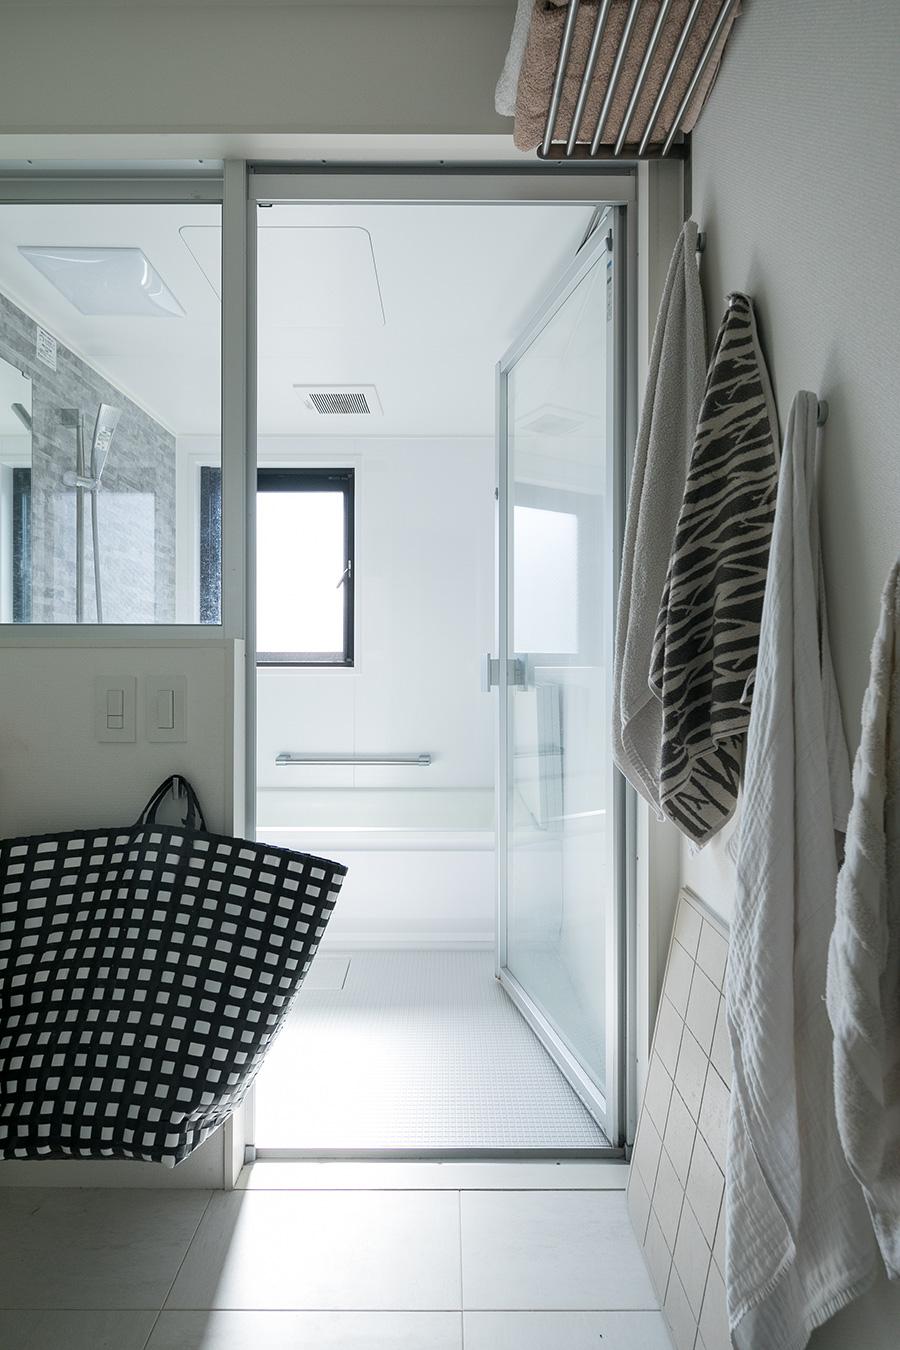 2階のバスルームはユニットバスで。仕切りの壁もガラスなので洗面まで光を届けてくれる。